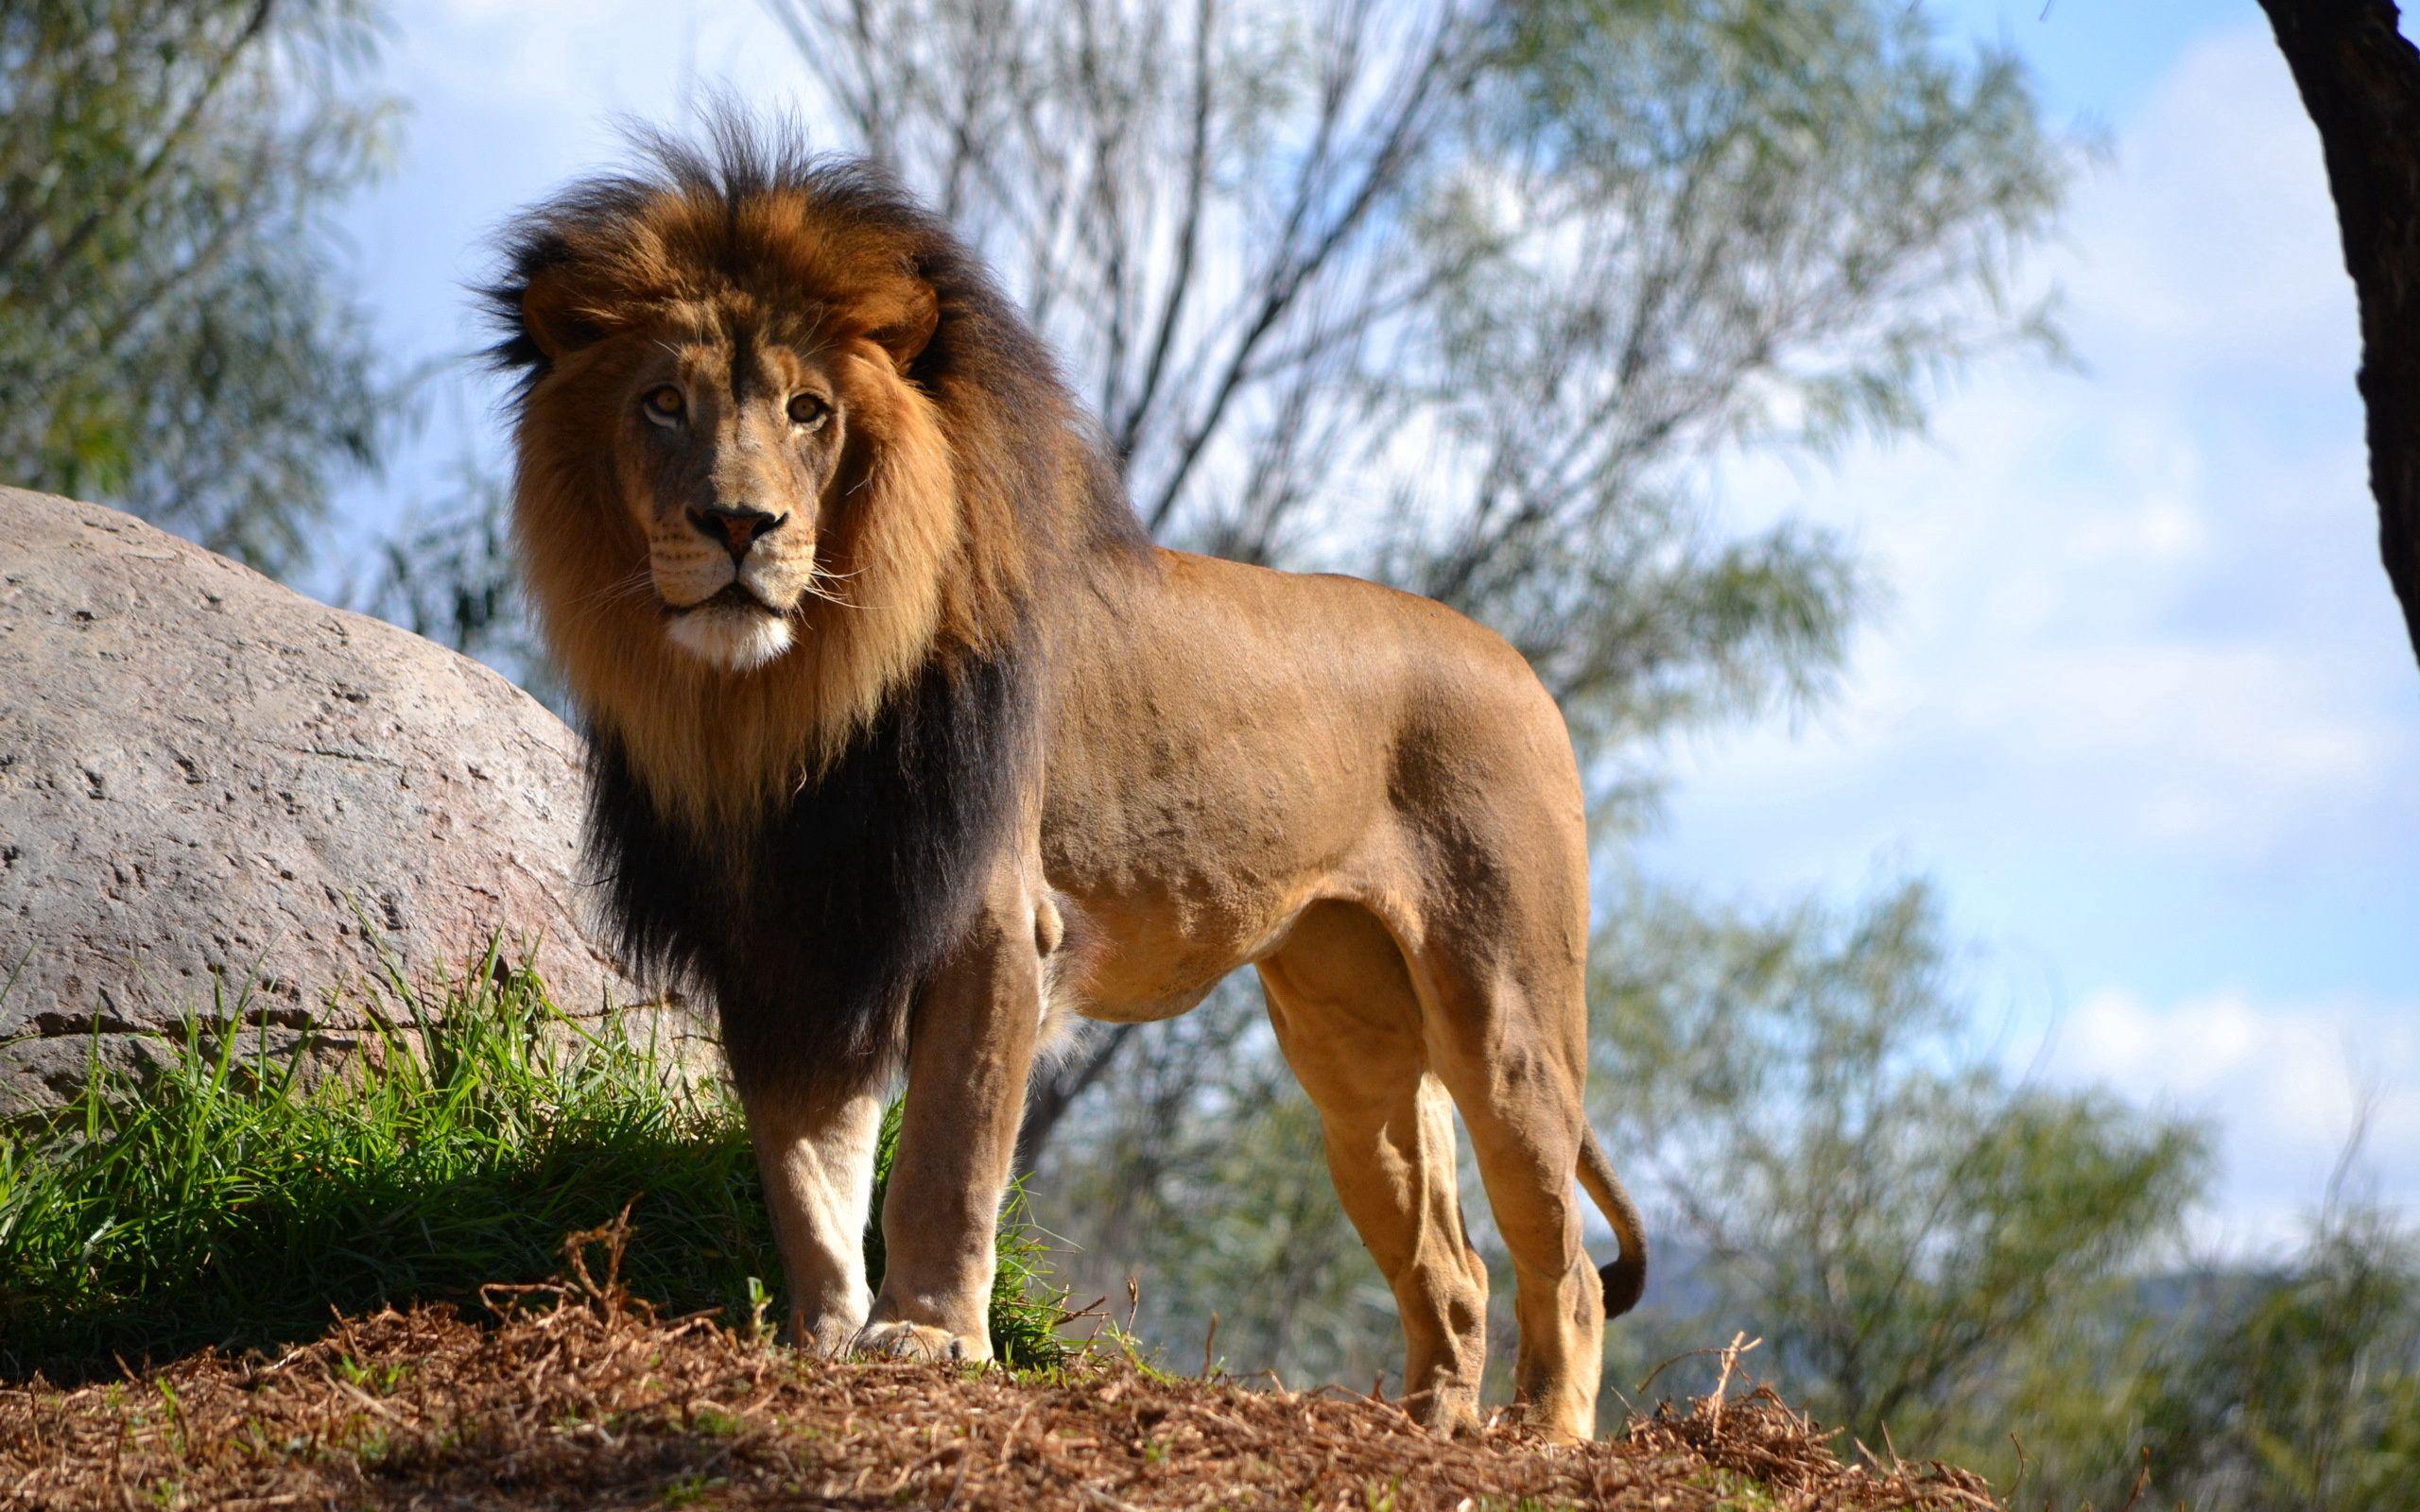 156796 économiseurs d'écran et fonds d'écran Gros Chat sur votre téléphone. Téléchargez Animaux, Un Lion, Lion, Prédateur, Gros Chat, Fauve images gratuitement